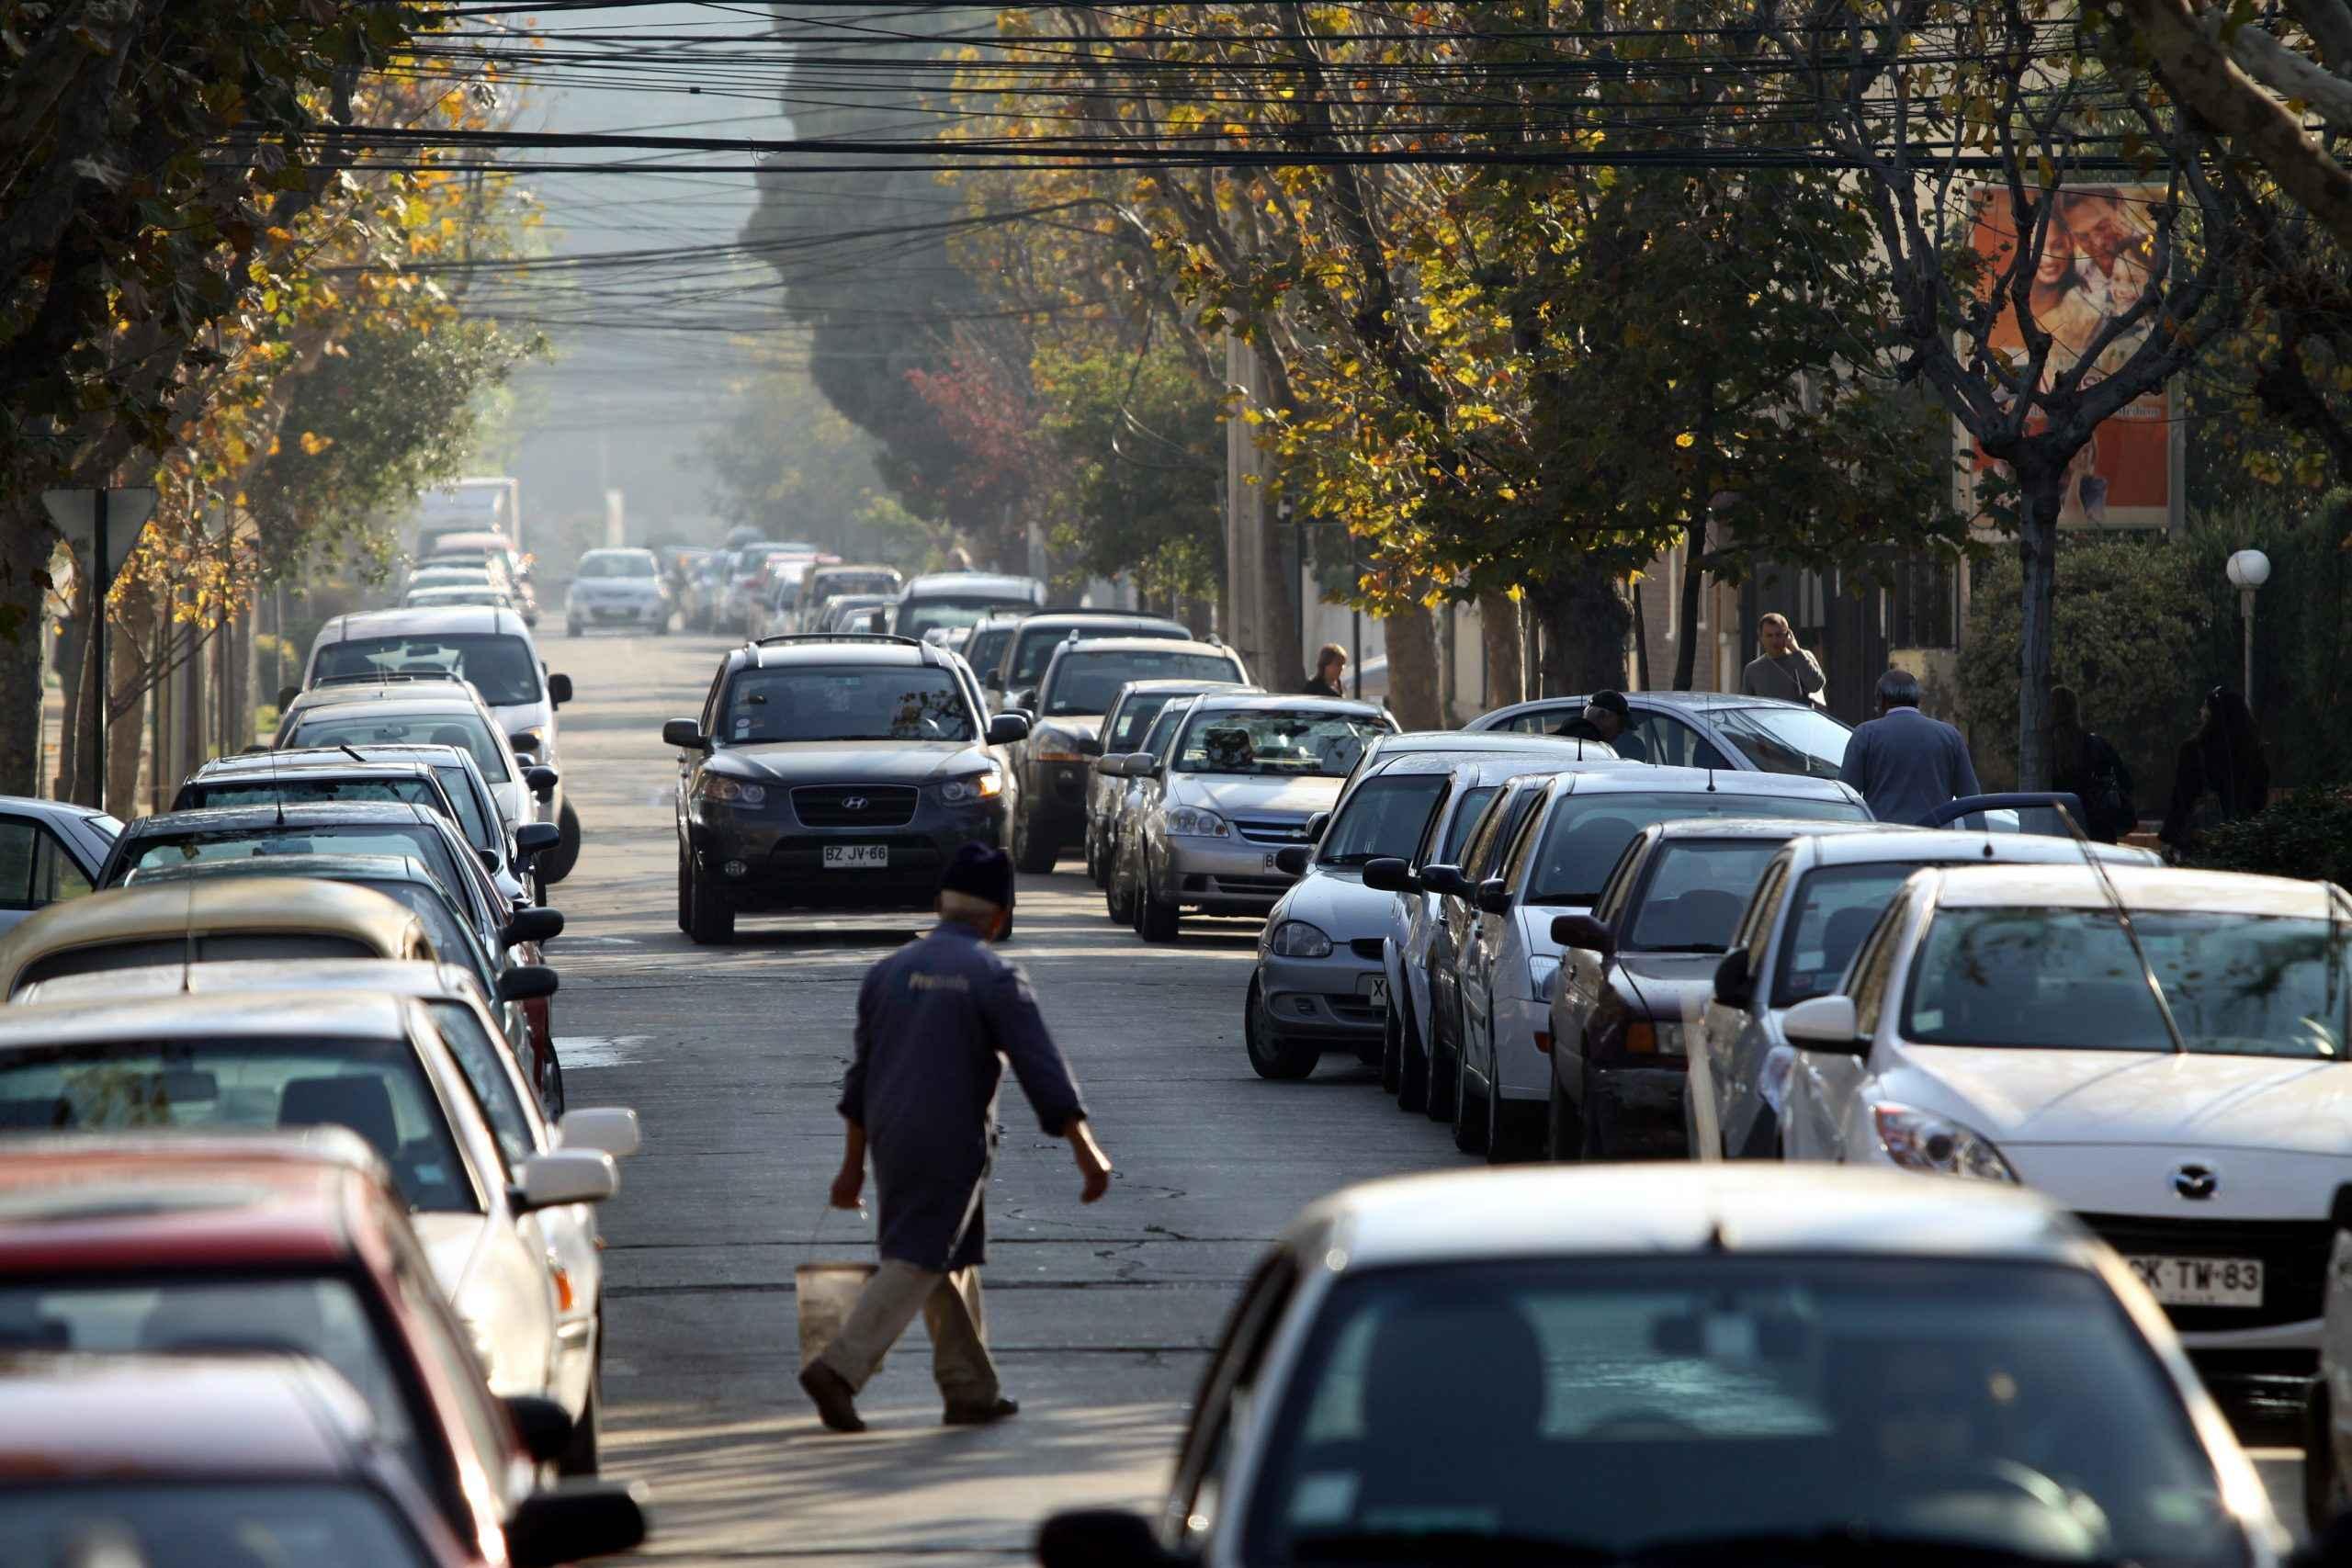 Posible reducir número de estacionamientos en Guadalajara y CDMX